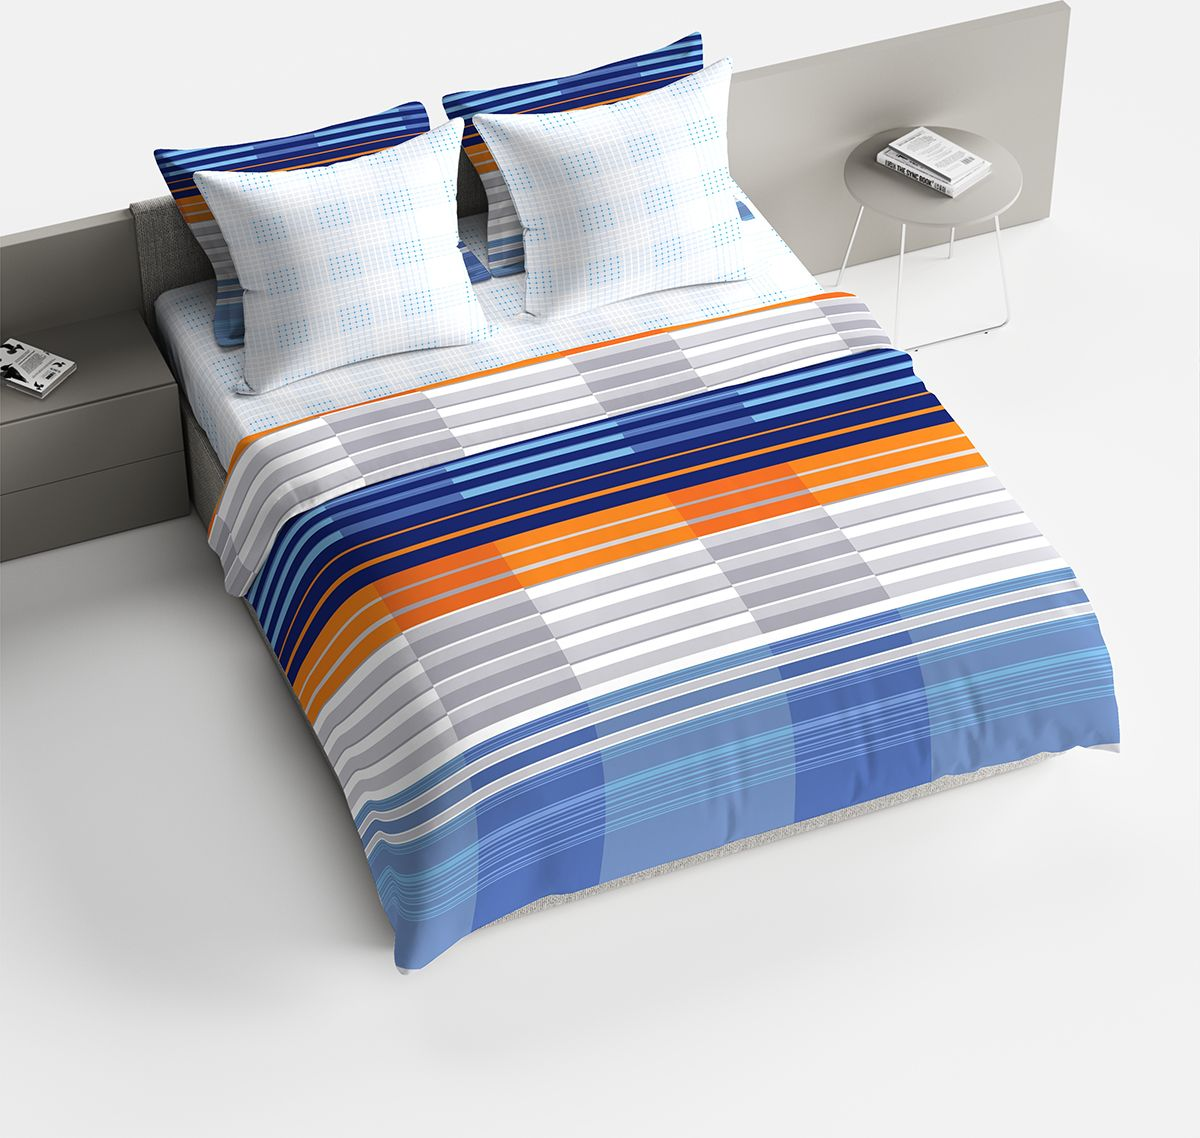 Комплект белья Браво Марино, 1,5-спальный, наволочки 70x70, цвет: синий391602Постельное белье коллекции Bravo изготавливается из ткани Lux Cotton (высококачественный импортный поплин), сотканной из длинноволокнистого египетского хлопка, создано специально для людей с оригинальным вкусом, предпочитающим современные решения в интерьере. В процессе производства применяются только стойкие и экологически чистые красители, поэтому это белье можно использовать и для детей. Обновленная стильная упаковка делает этот комплект отличным подарком.